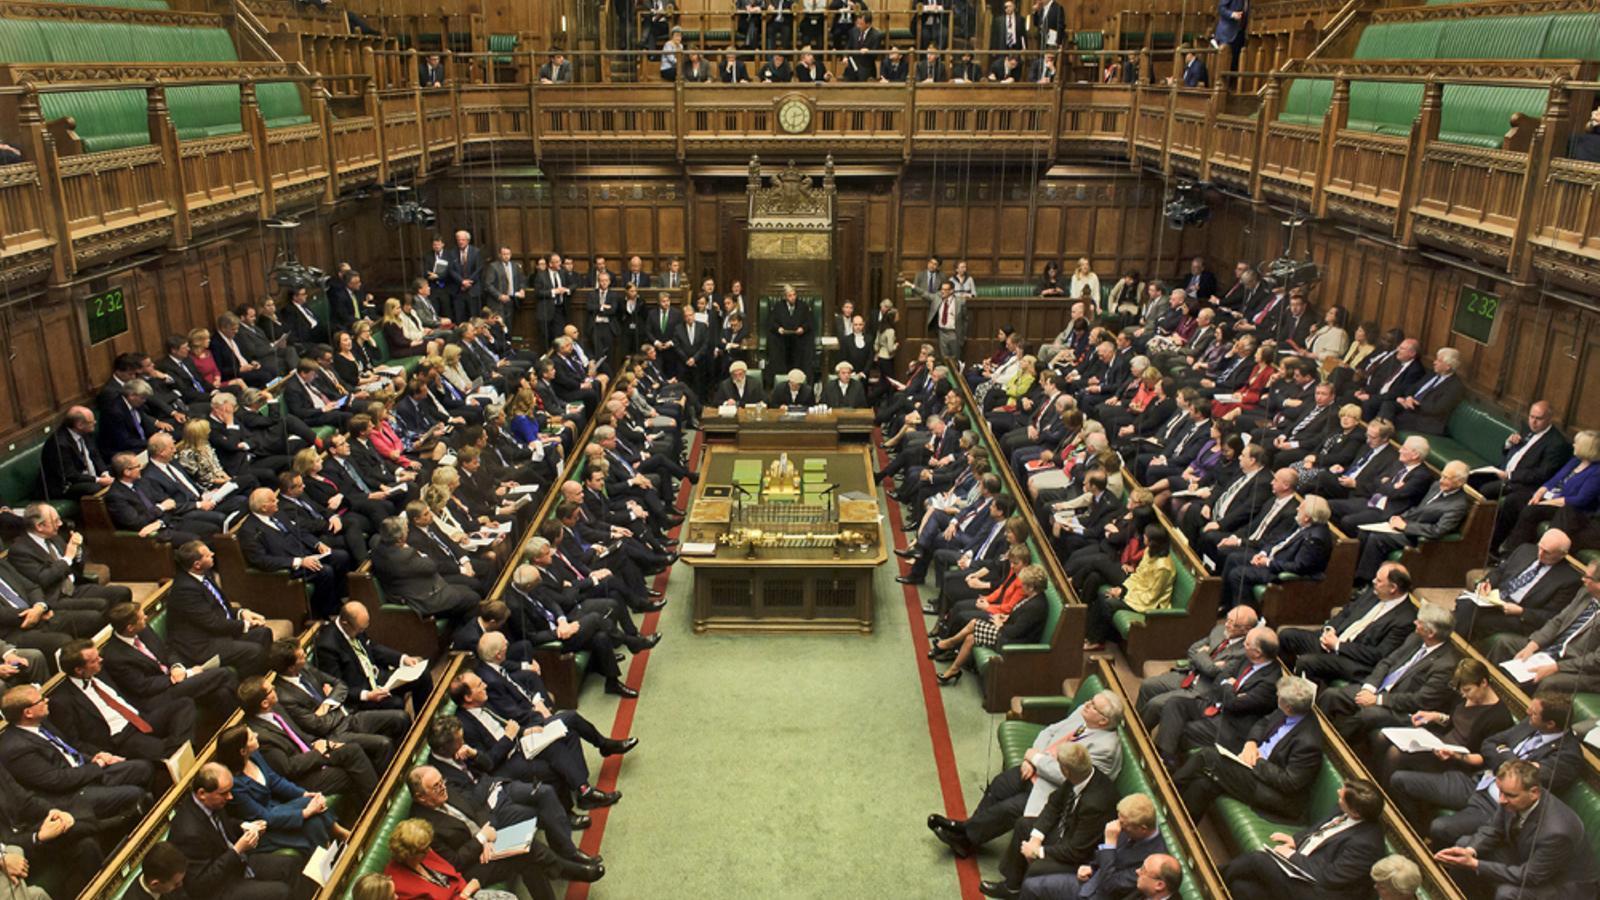 Un aspecte de la Cambra del Comuns del Parlament britànic / HOC